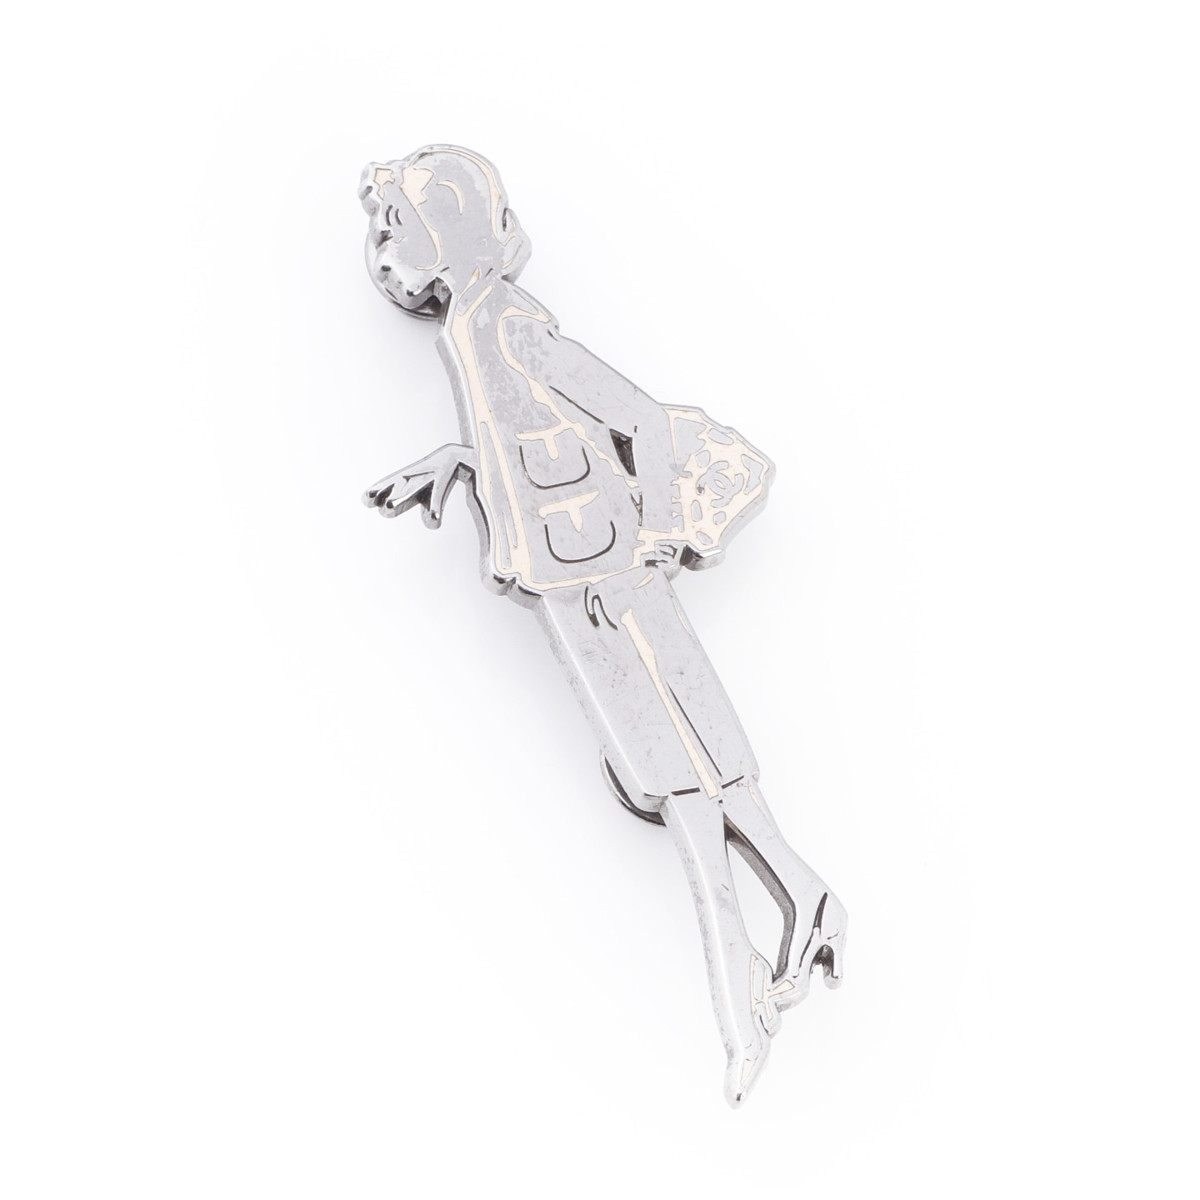 【シャネル】Chanel 03P マドモアゼル 人形モチーフ ブローチ シルバー×ピンク 【中古】【鑑定済・正規品保証】29402